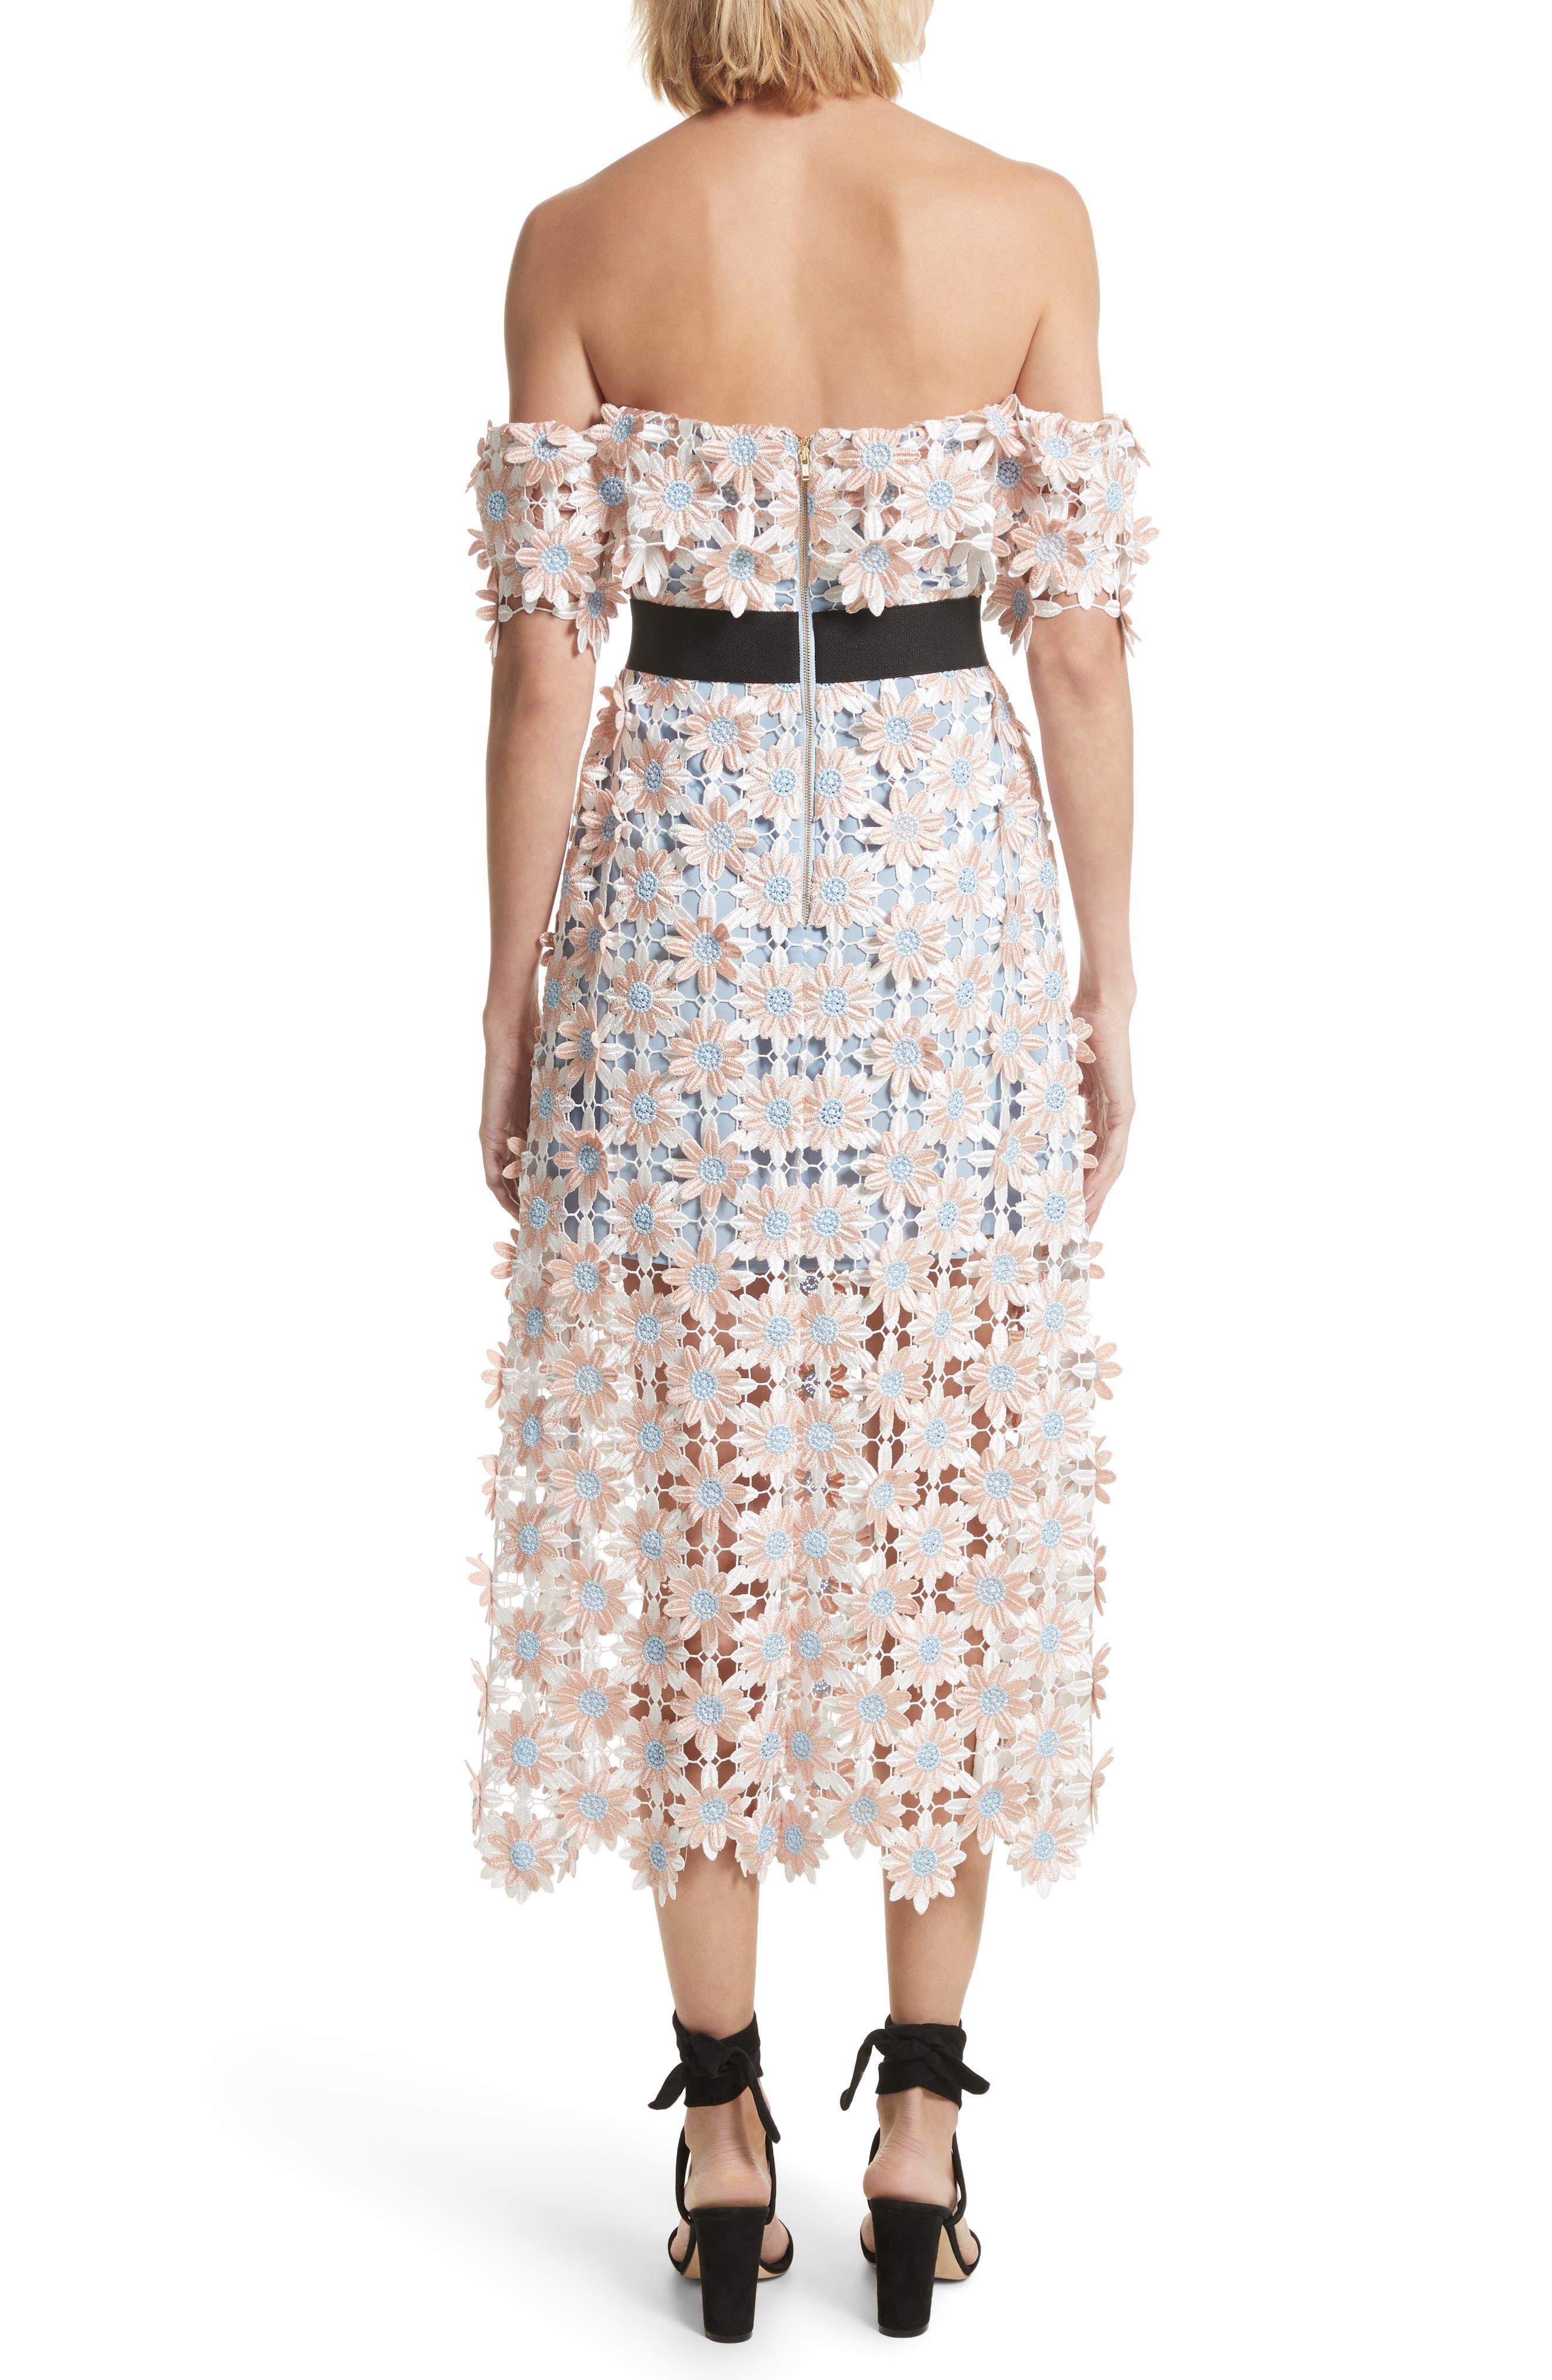 3D Floral Lace Off the Shoulder Midi Dress,                             Alternate thumbnail 2, color,                             650